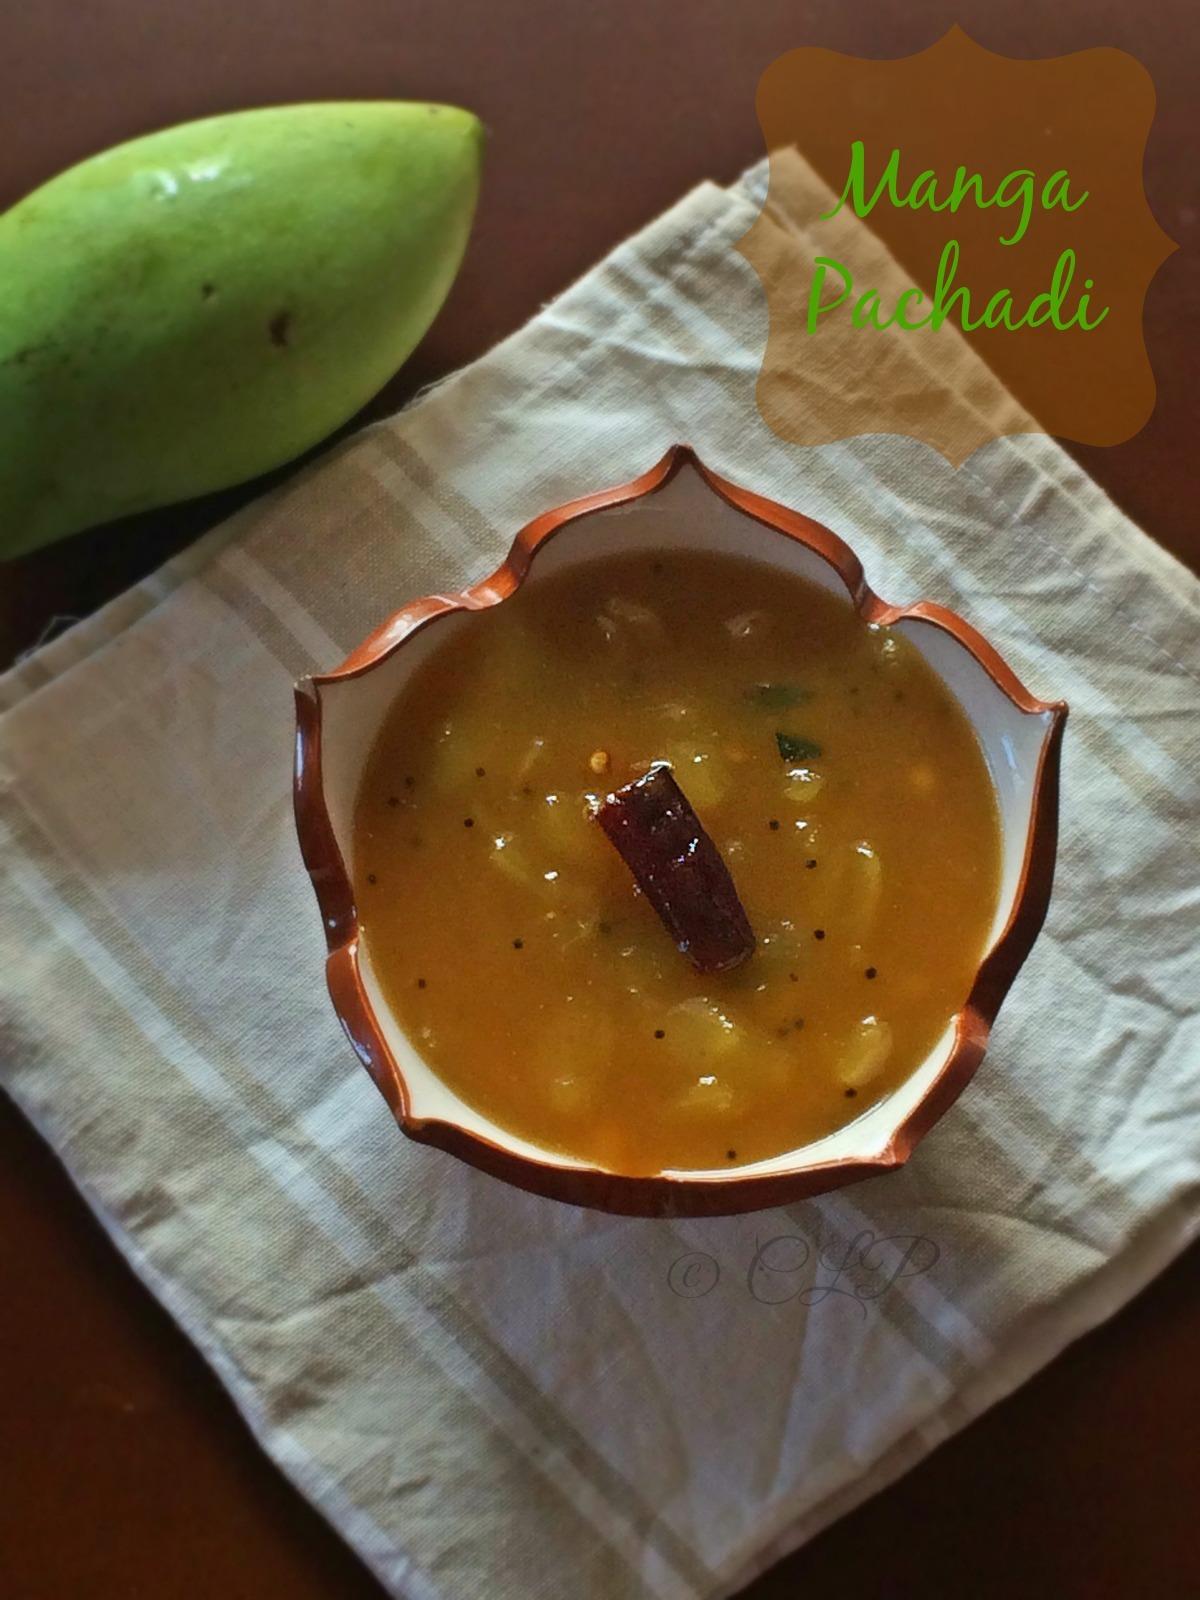 Raw Mango Pachadi | Sweet & Tangy Mango Thokku | Raw mango Side recipe